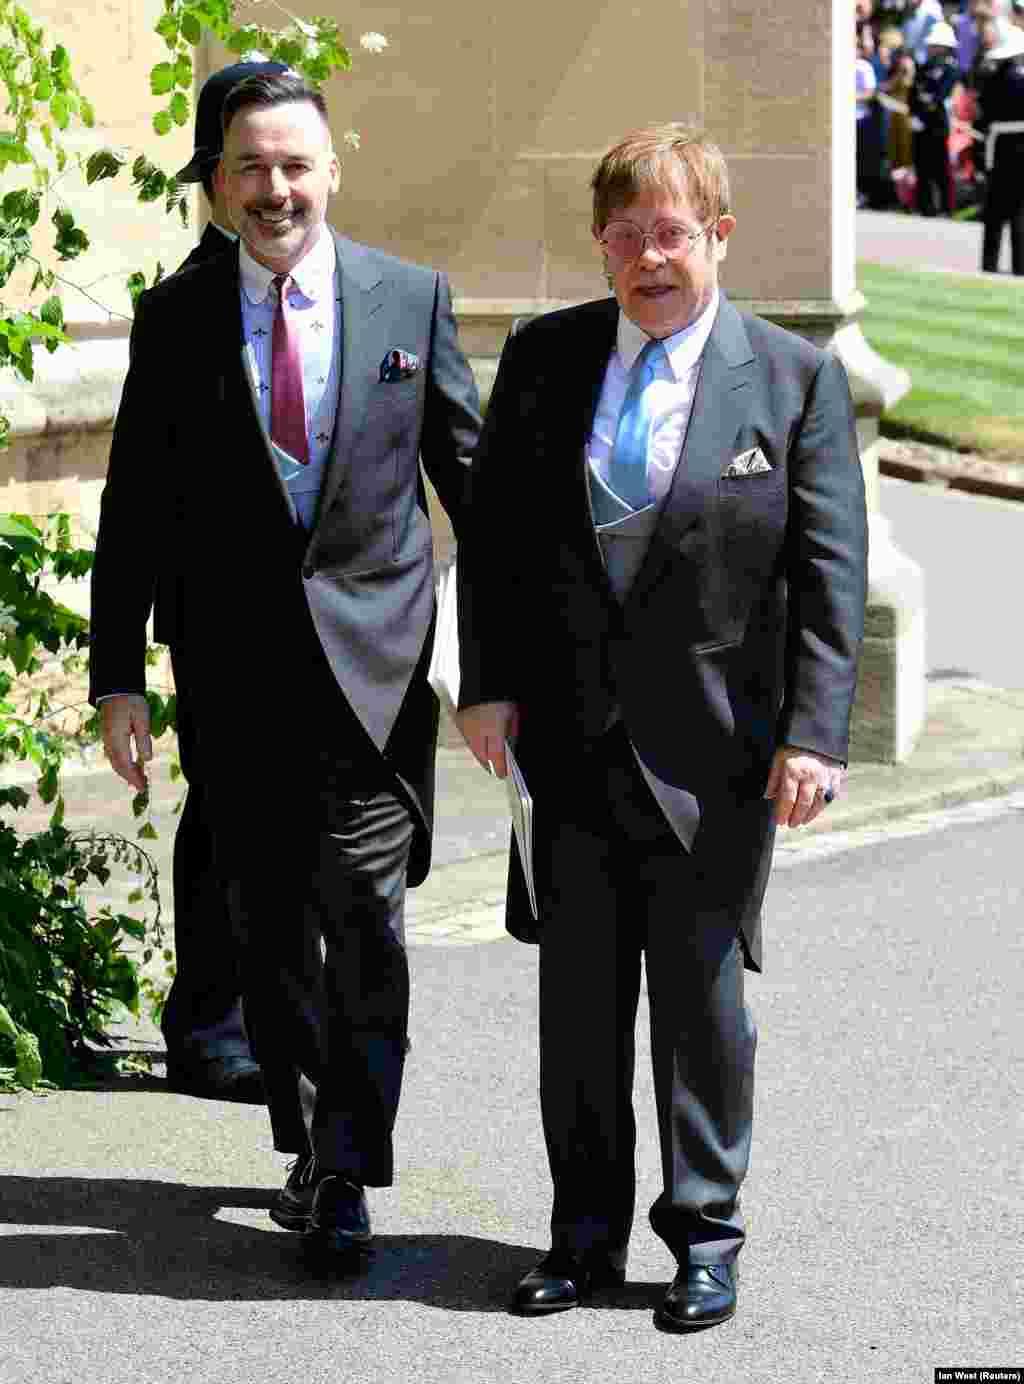 На свадьбе выступит сэр Элтон Джон. На церемонию он прибыл со своим супругом Дэвидом Фернишем.